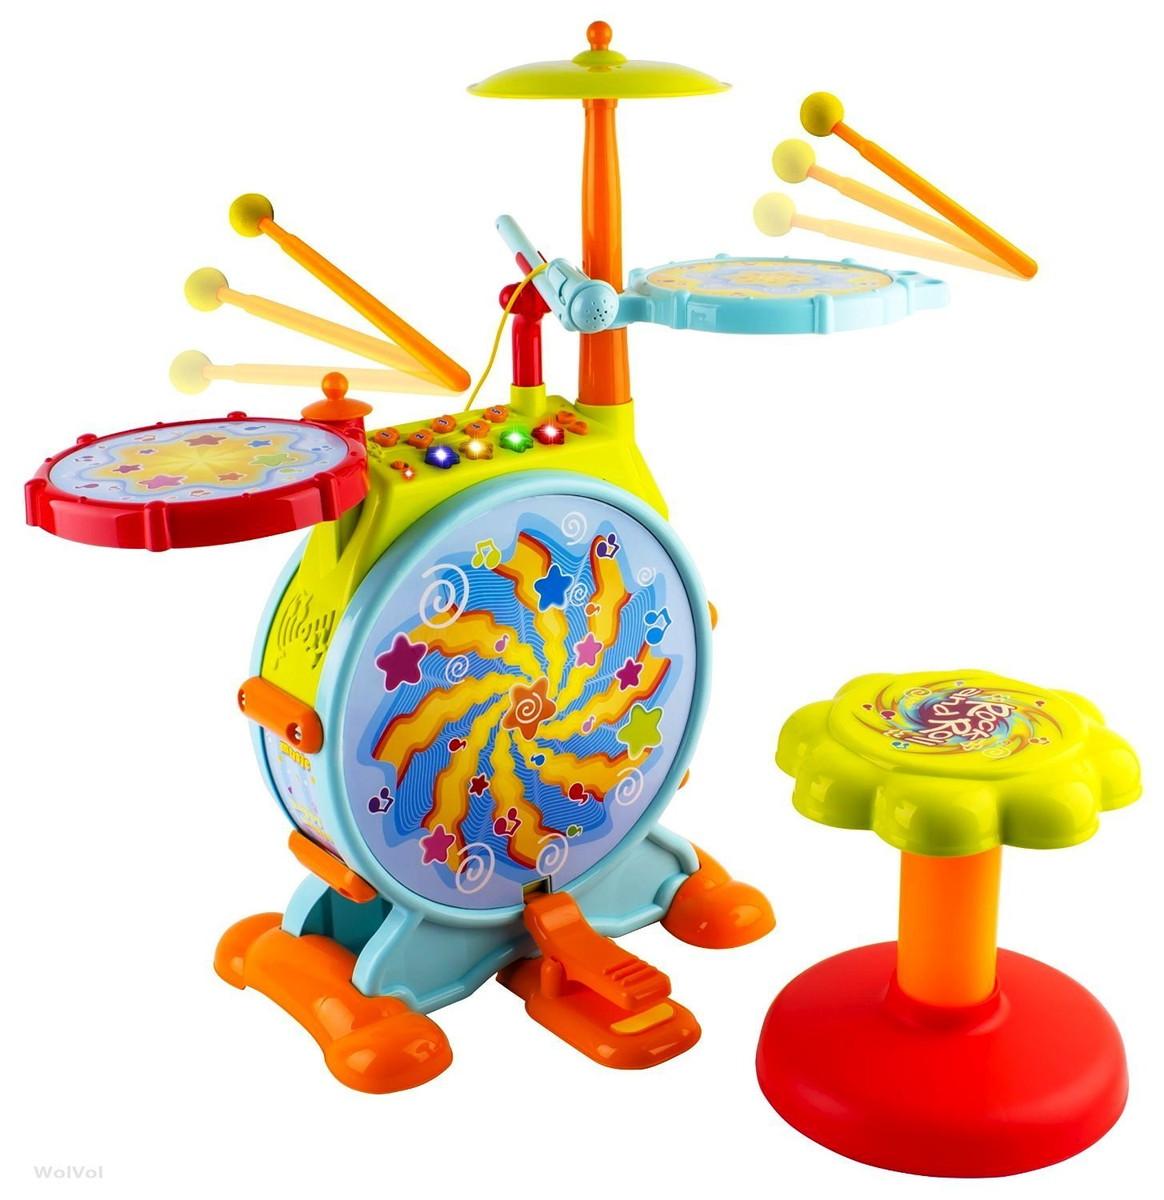 WolVol 子供 ドラム おもちゃ ミュージック 音楽 楽器玩具